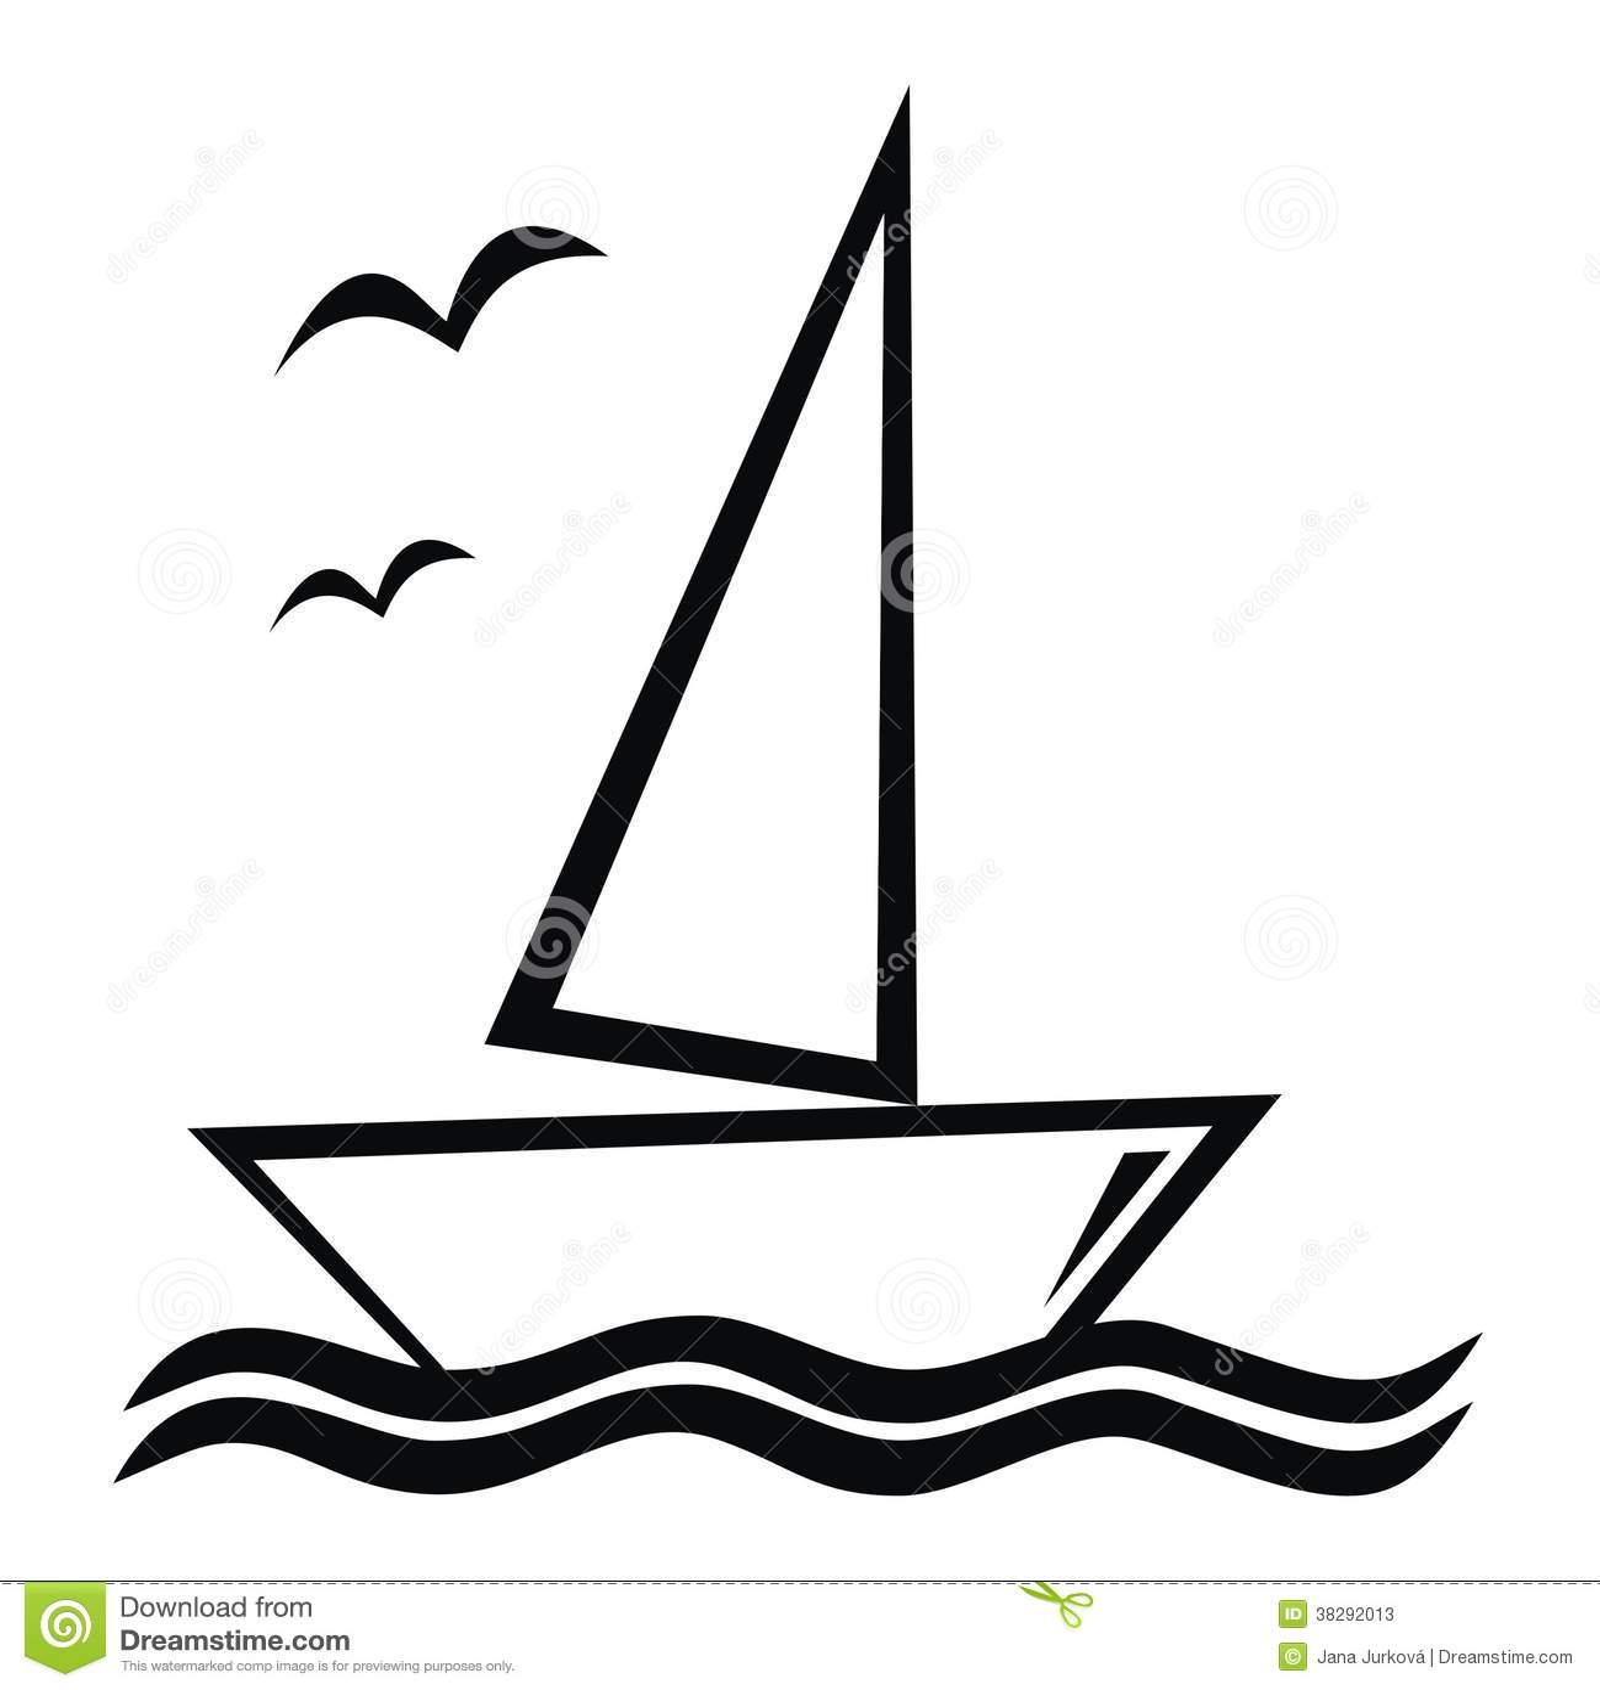 Segelboot zeichnung  Segelboot vektor abbildung. Illustration von firma, seemöwe - 38292013